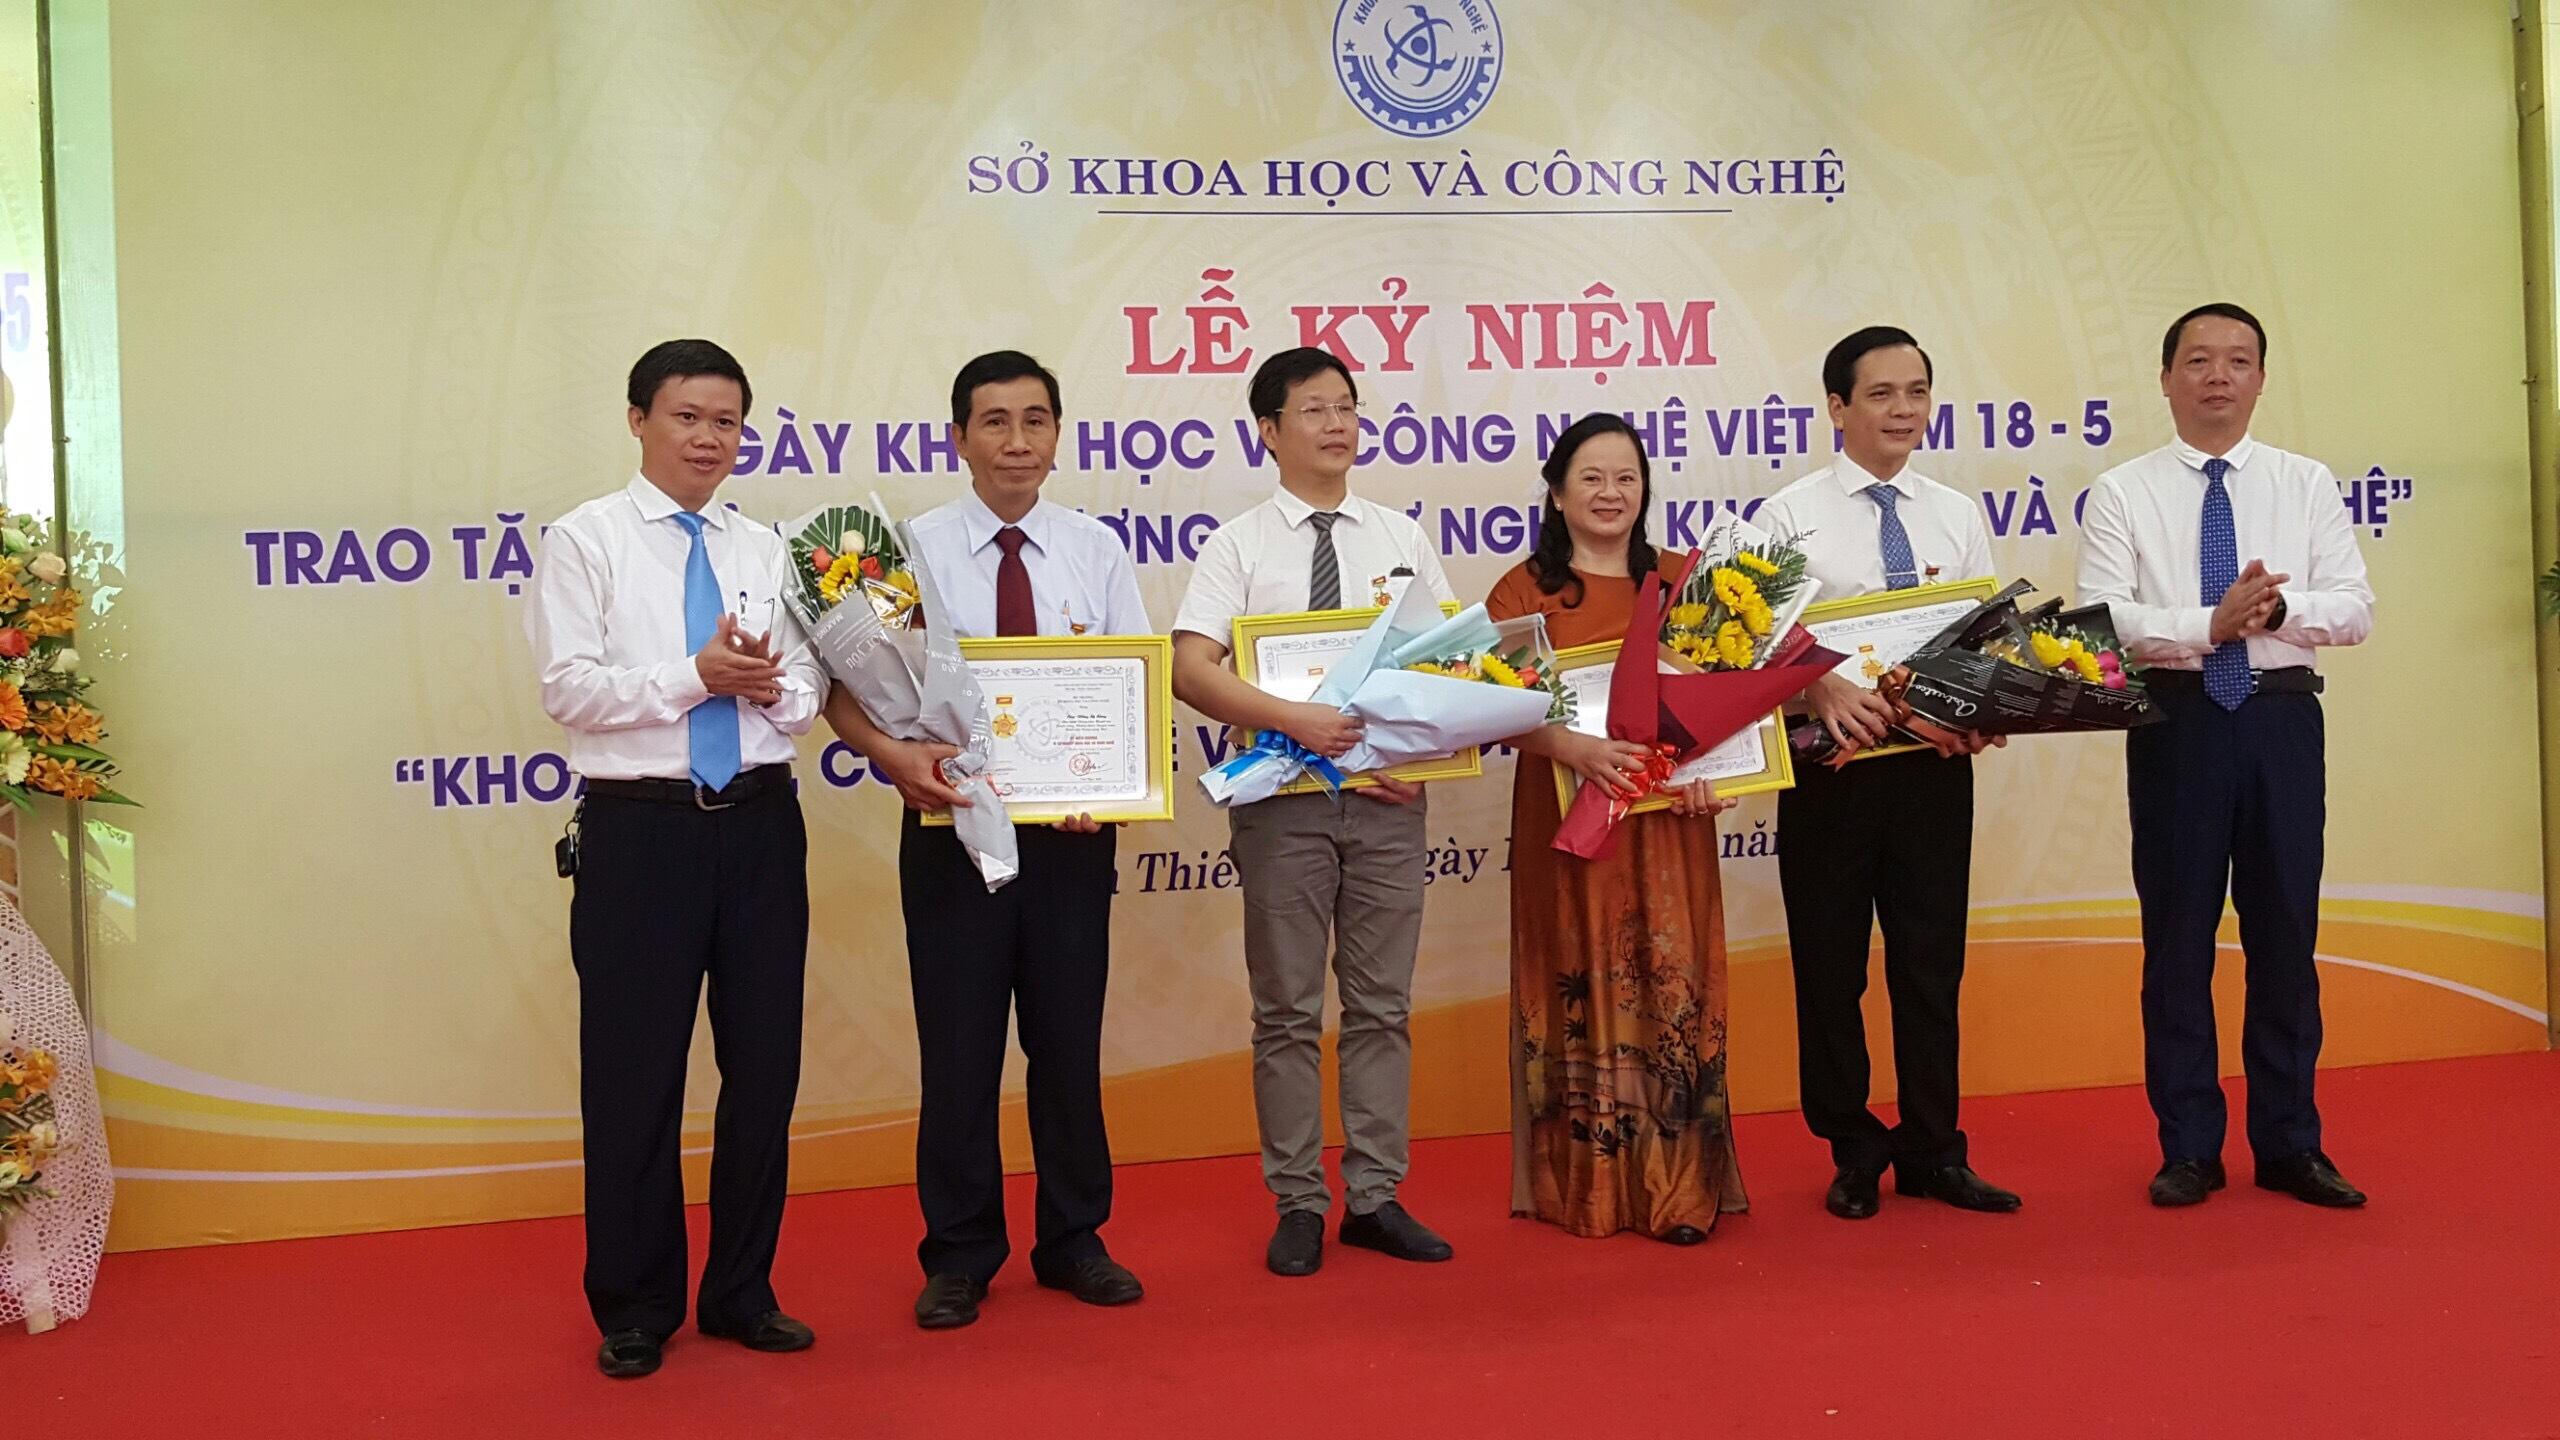 Trao tặng kỷ niệm chương vì sự nghiệp khoa học công nghệ nhân Ngày Khoa học Công nghệ Việt Nam 18/5